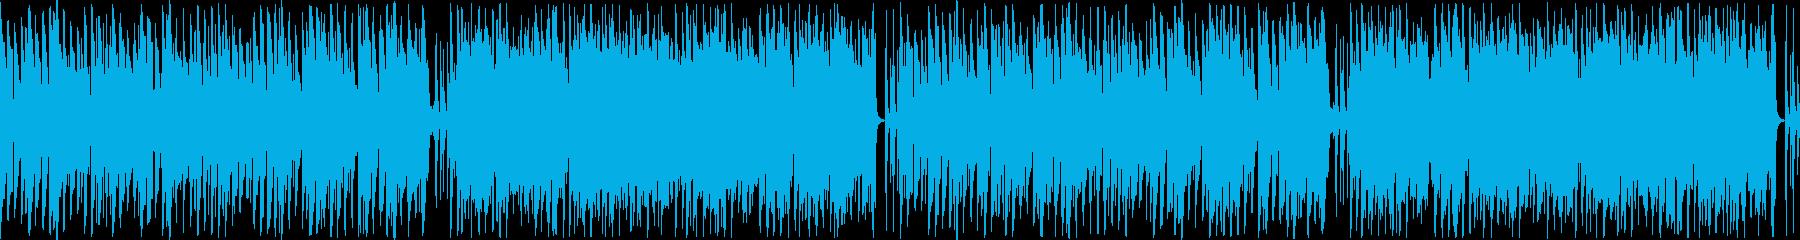 ほのぼのした雰囲気のコミカルな楽曲ループの再生済みの波形